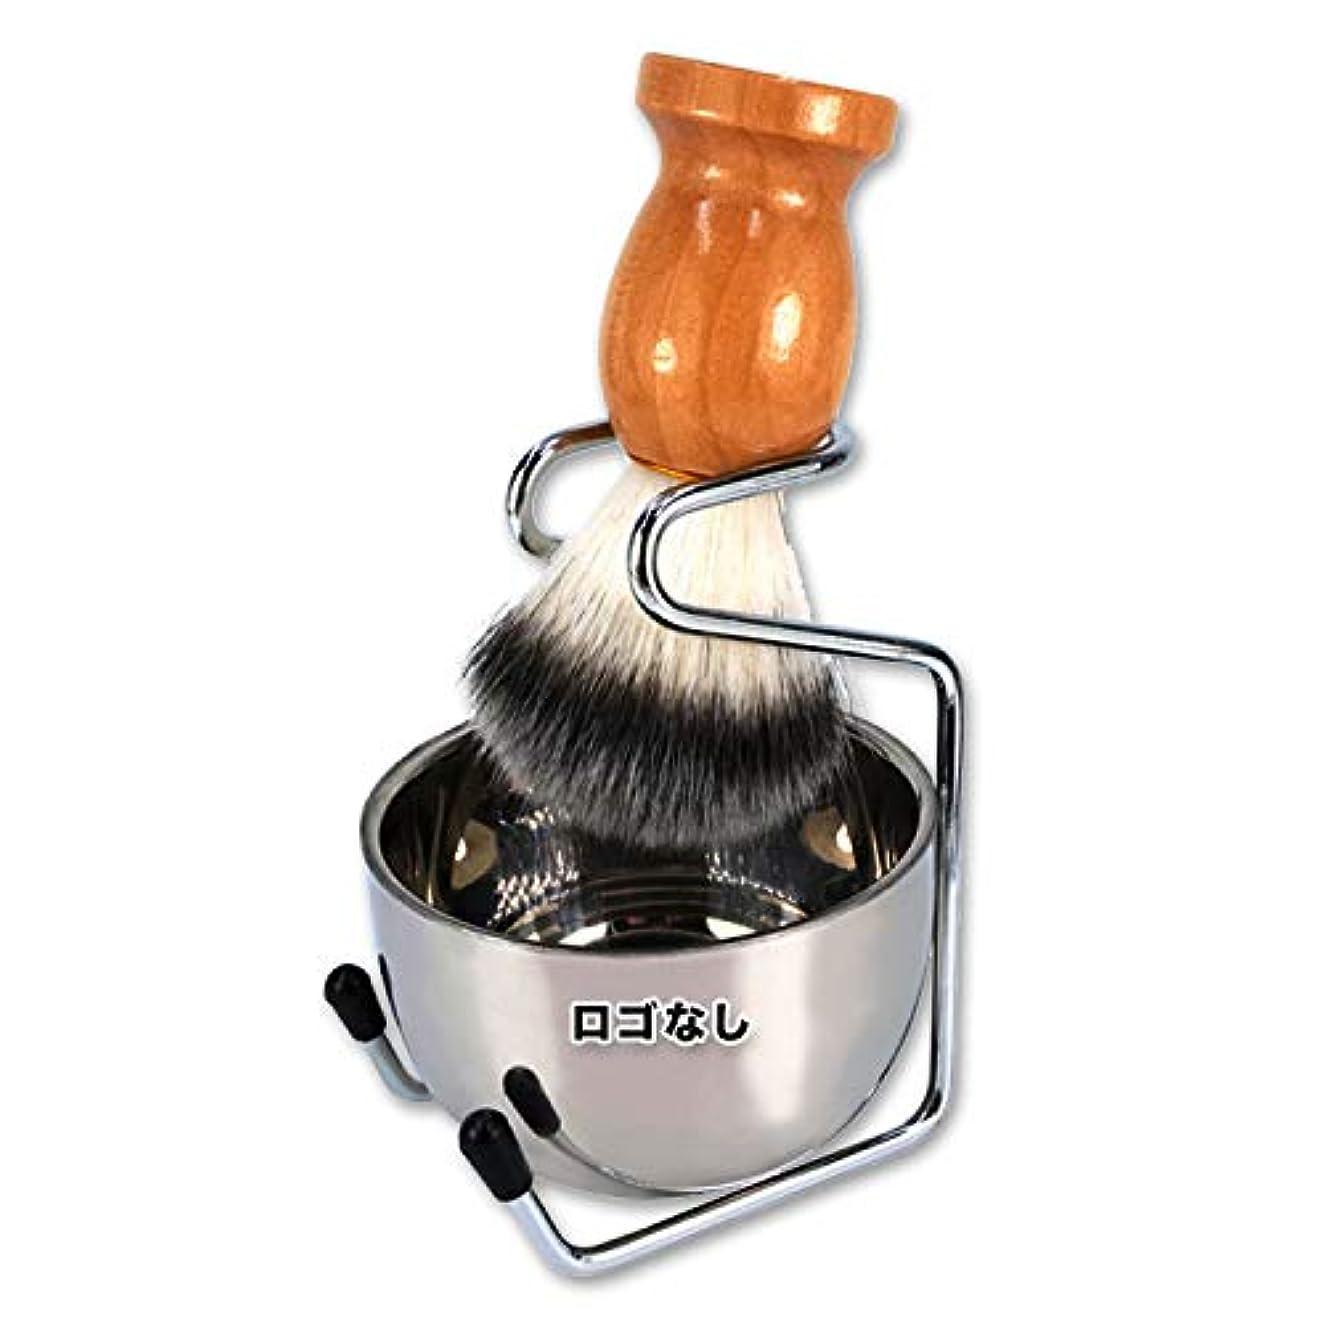 より階段合意キジフジ ひげブラシ 一式セット ボウル スタンド ステンレス製 シェービング 髭剃り専用 新デザイン